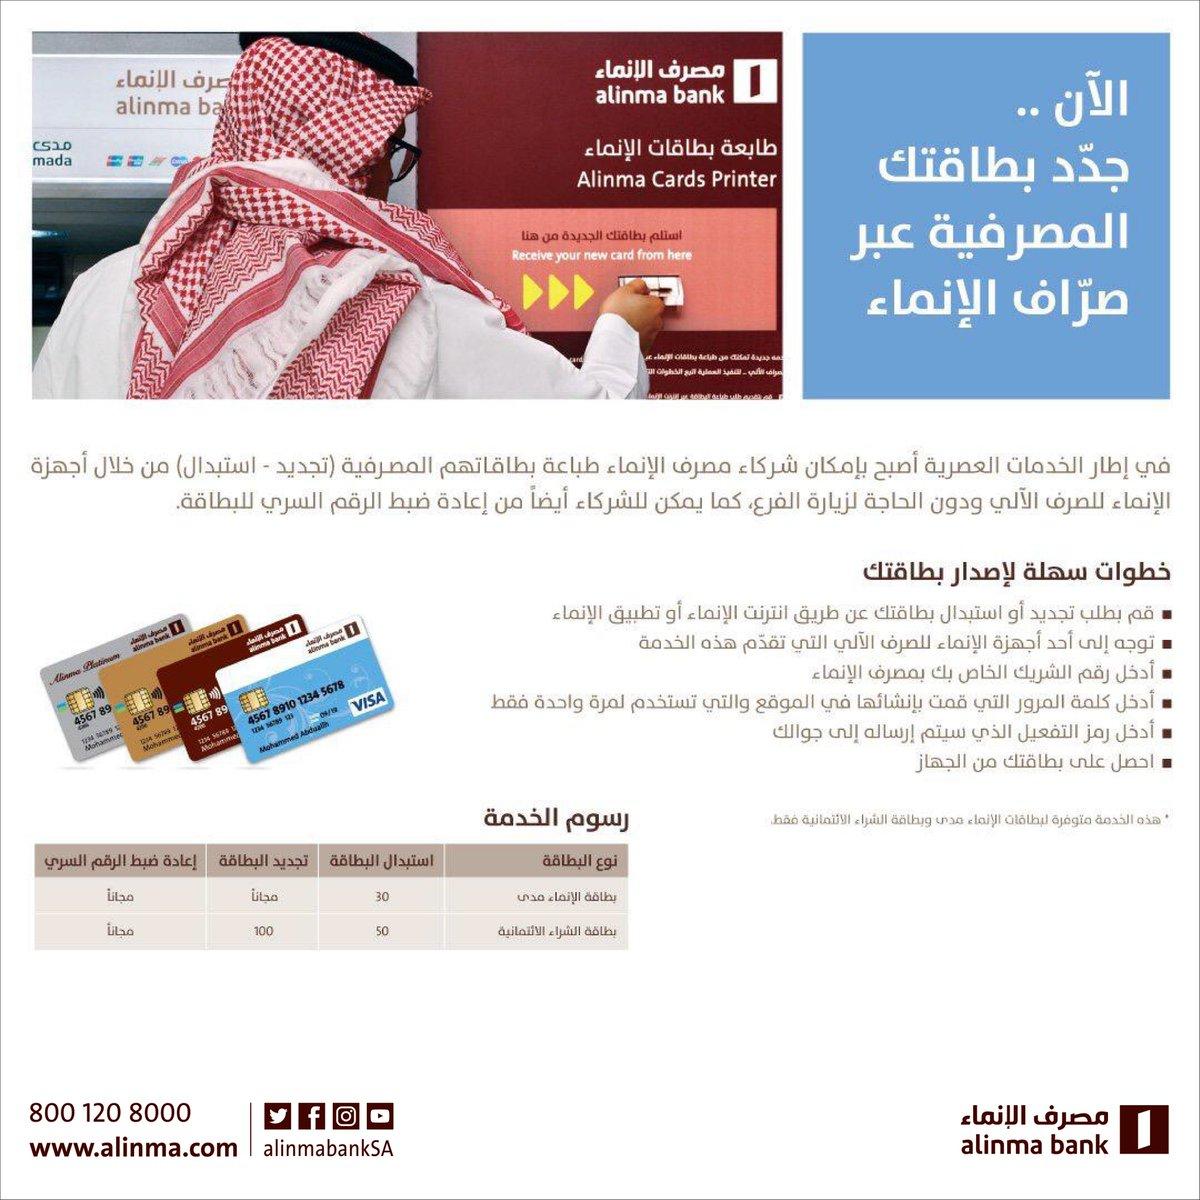 مصرف الإنماء Twitter પર خدمات الإنماء يمكنك الآن تجديد بطاقتك المصرفية عبر صراف الإنماء Https T Co Whsbo3mvwq